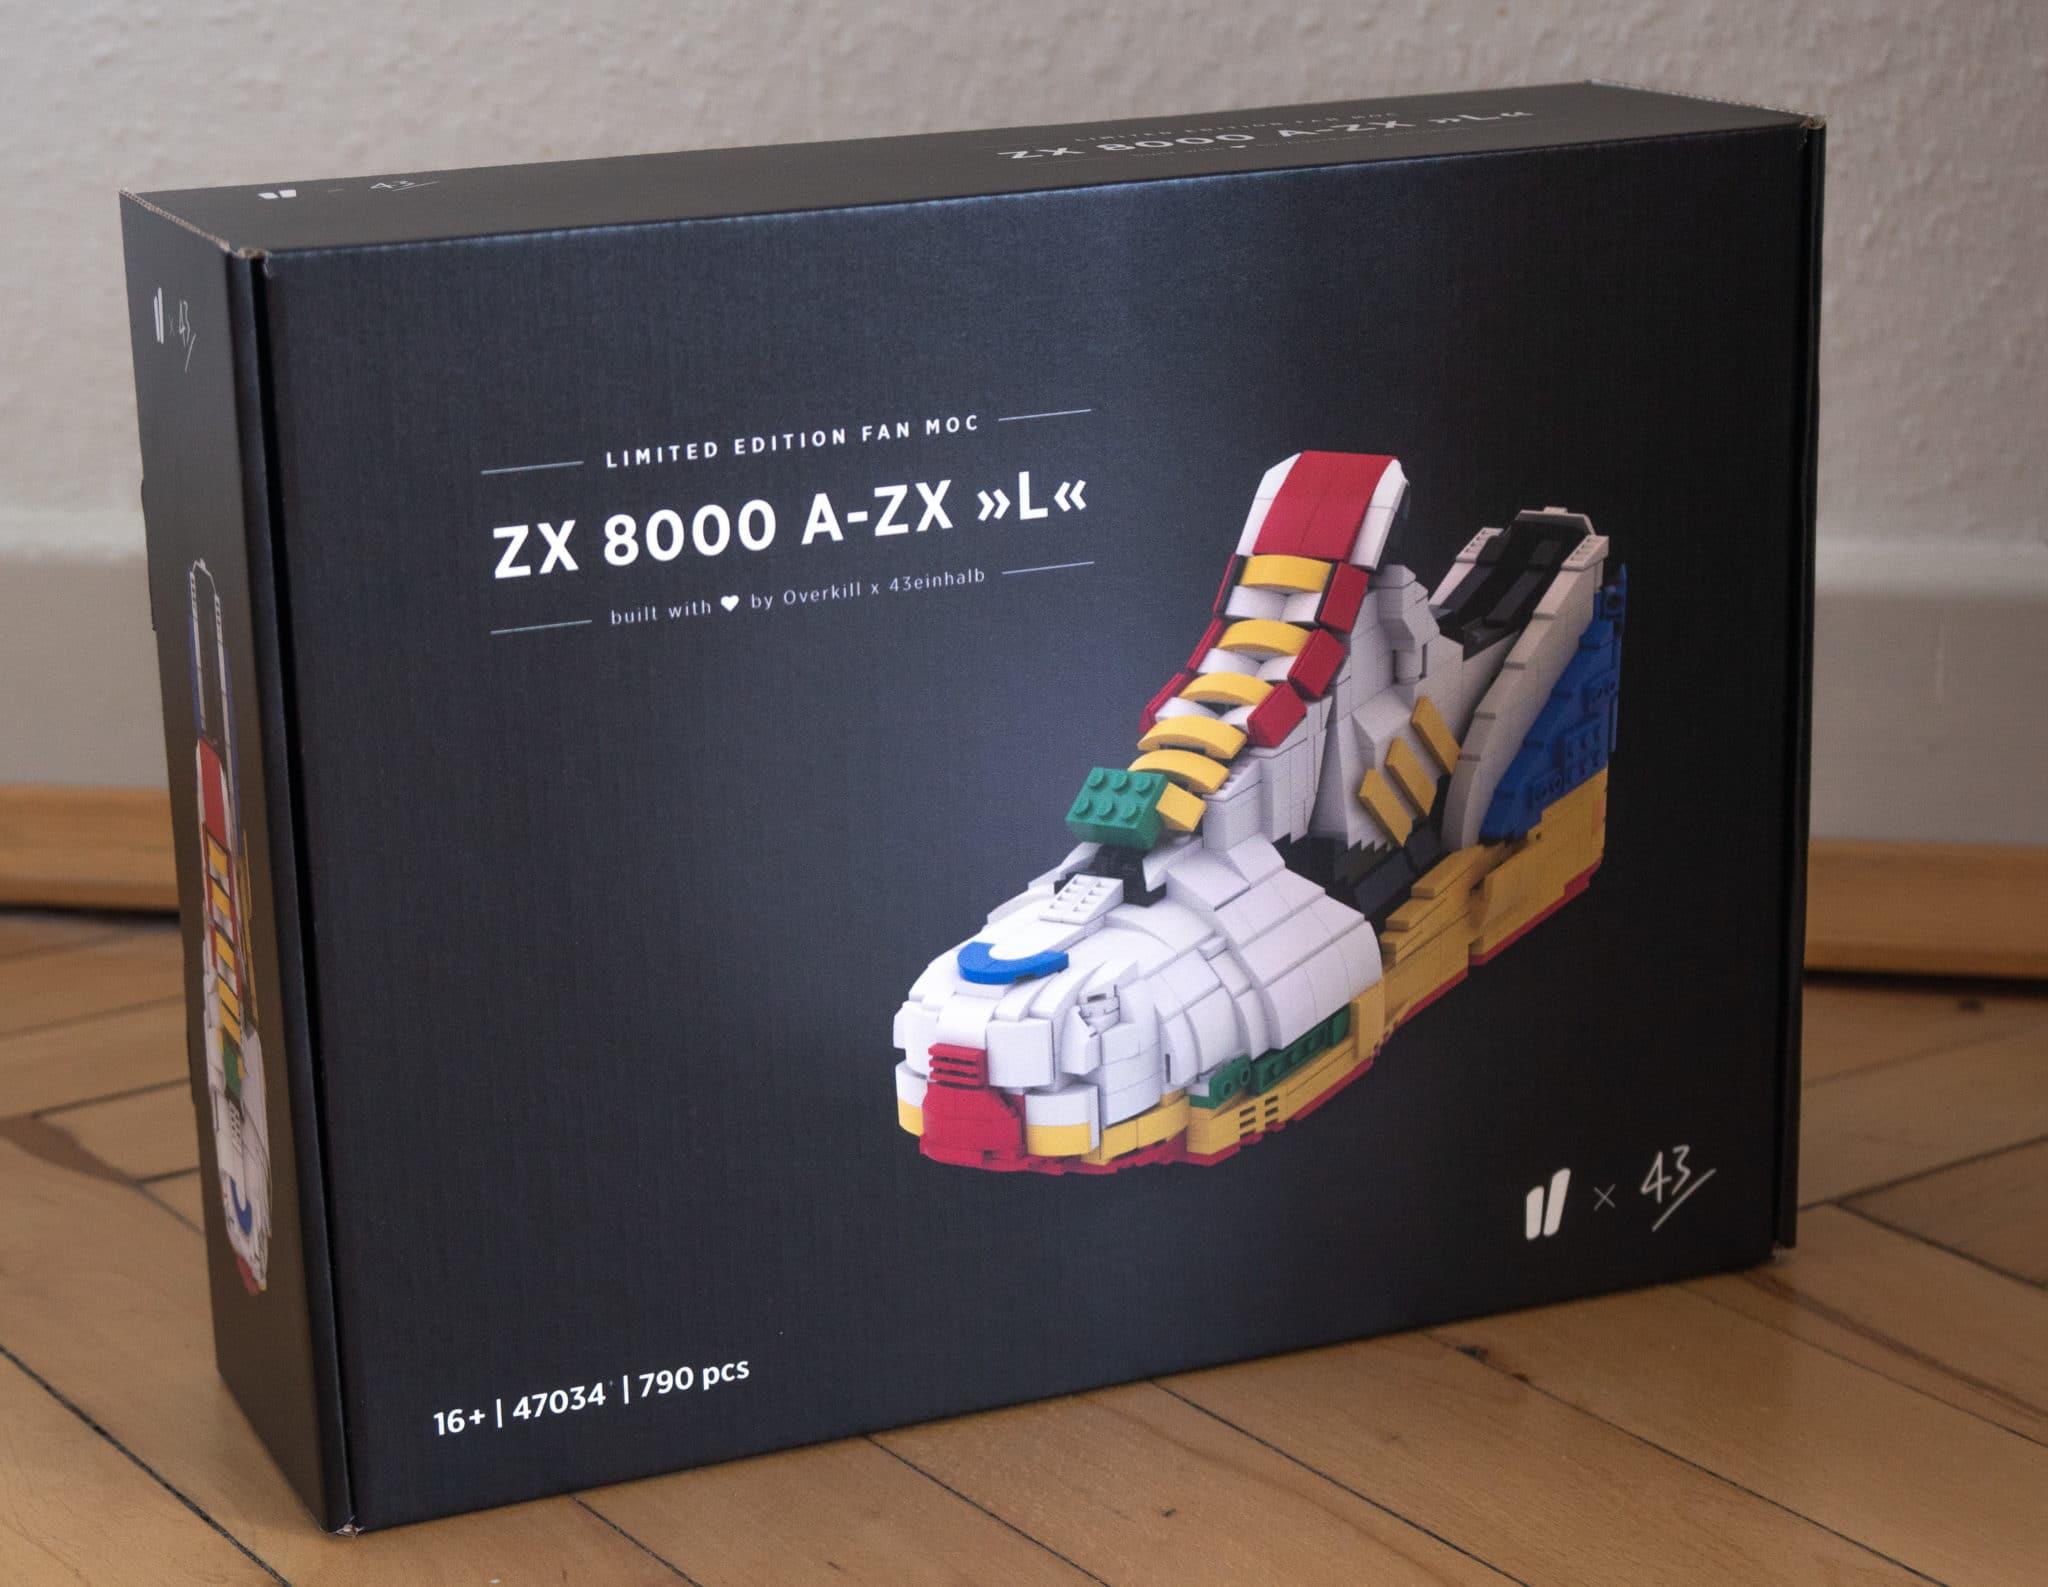 LEGO X Adidas LEGO Moc (1)